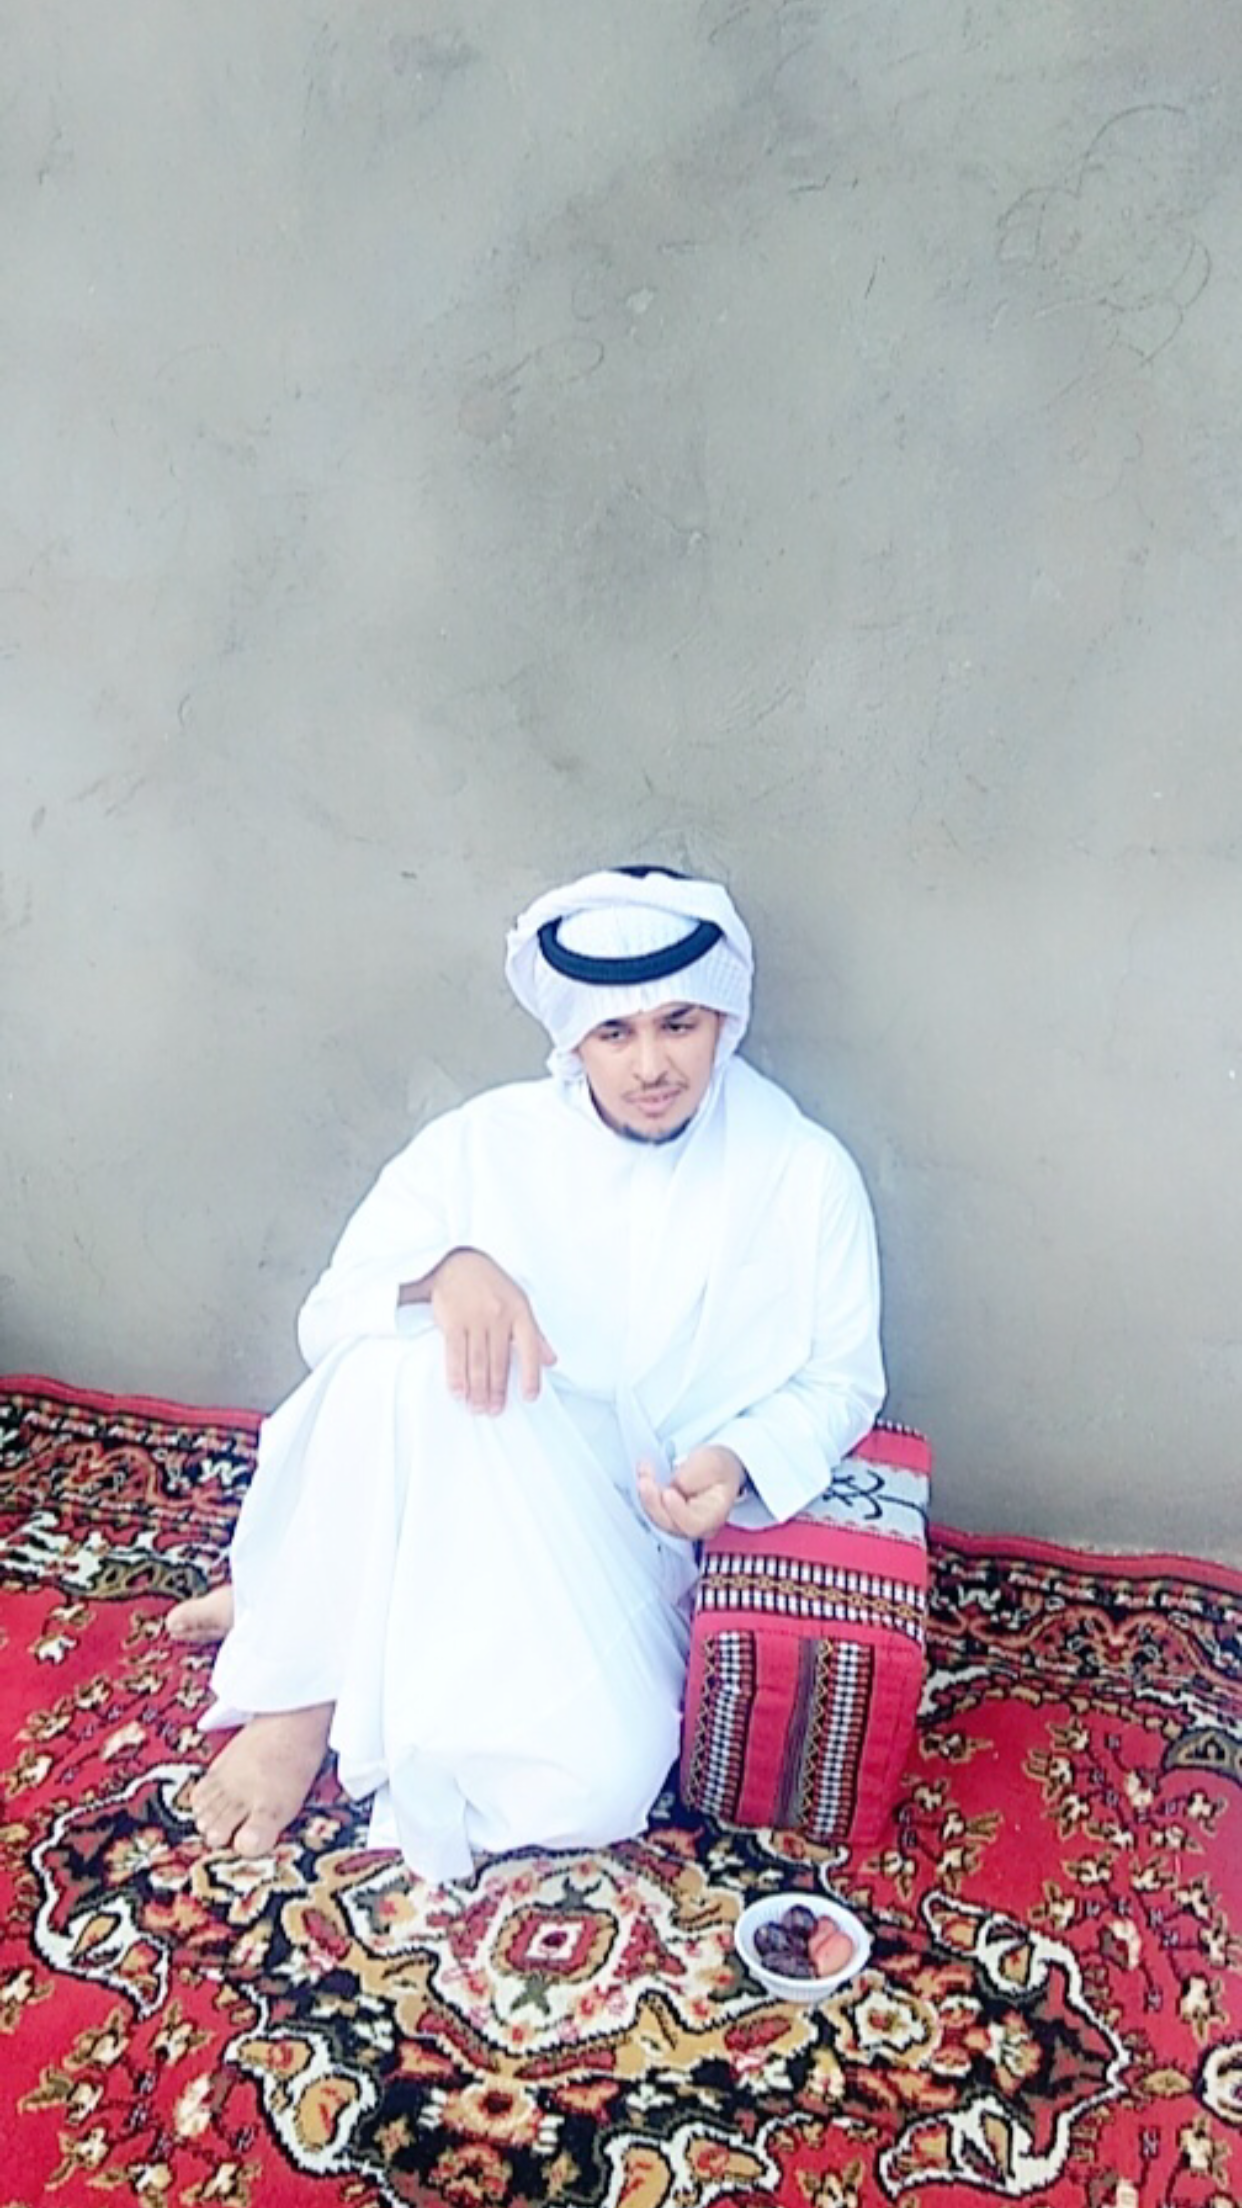 الشاب / حمدان فرج الجحم البلوي يحتفل بزواجه 3F3AD115 7752 4CB6 A11A F4CA641C2DC4